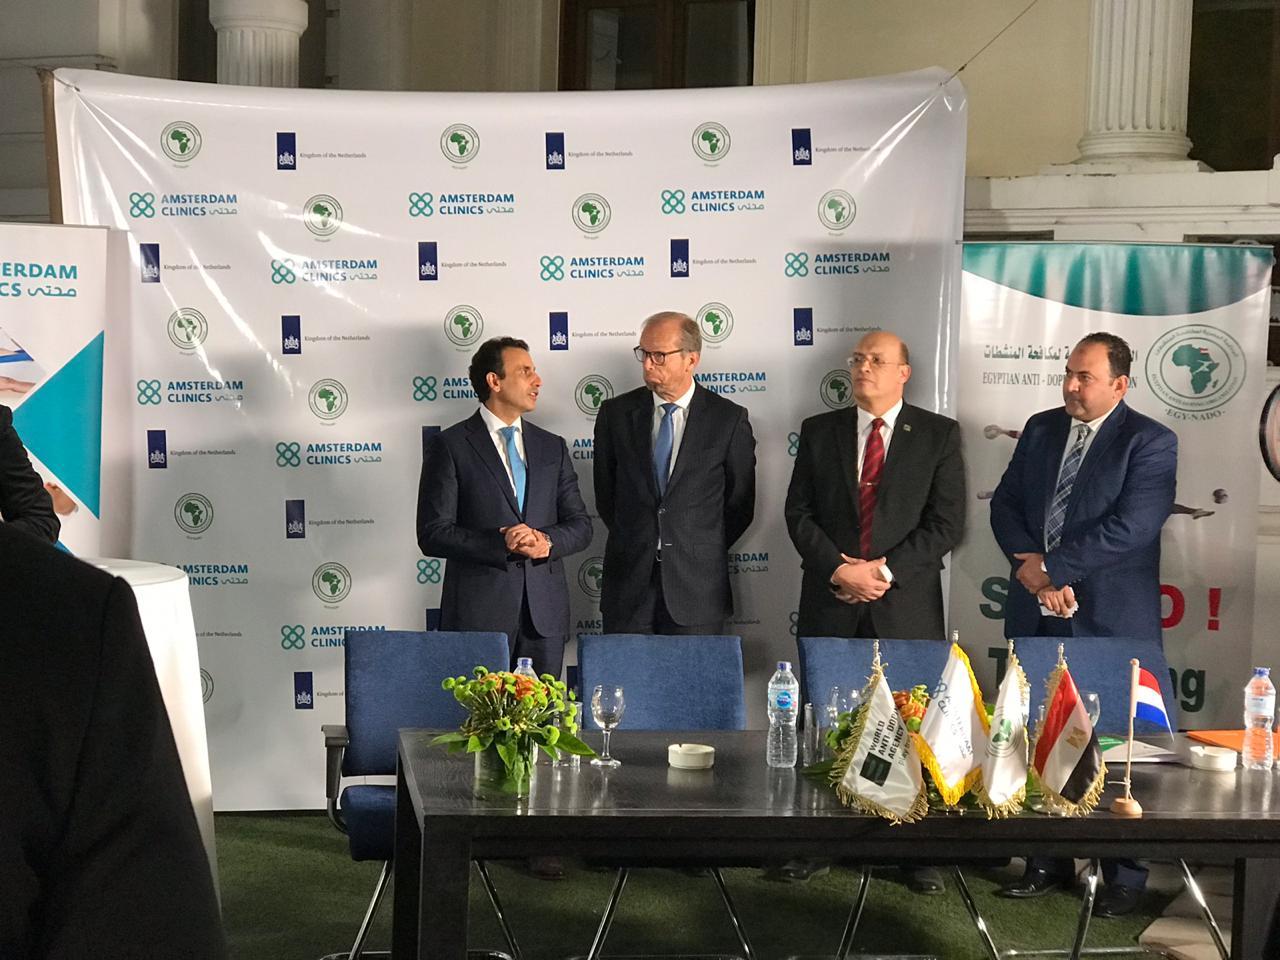 النادو توقع بروتوكول تعاون مع عيادات امستردام بالسفارة الهولندية